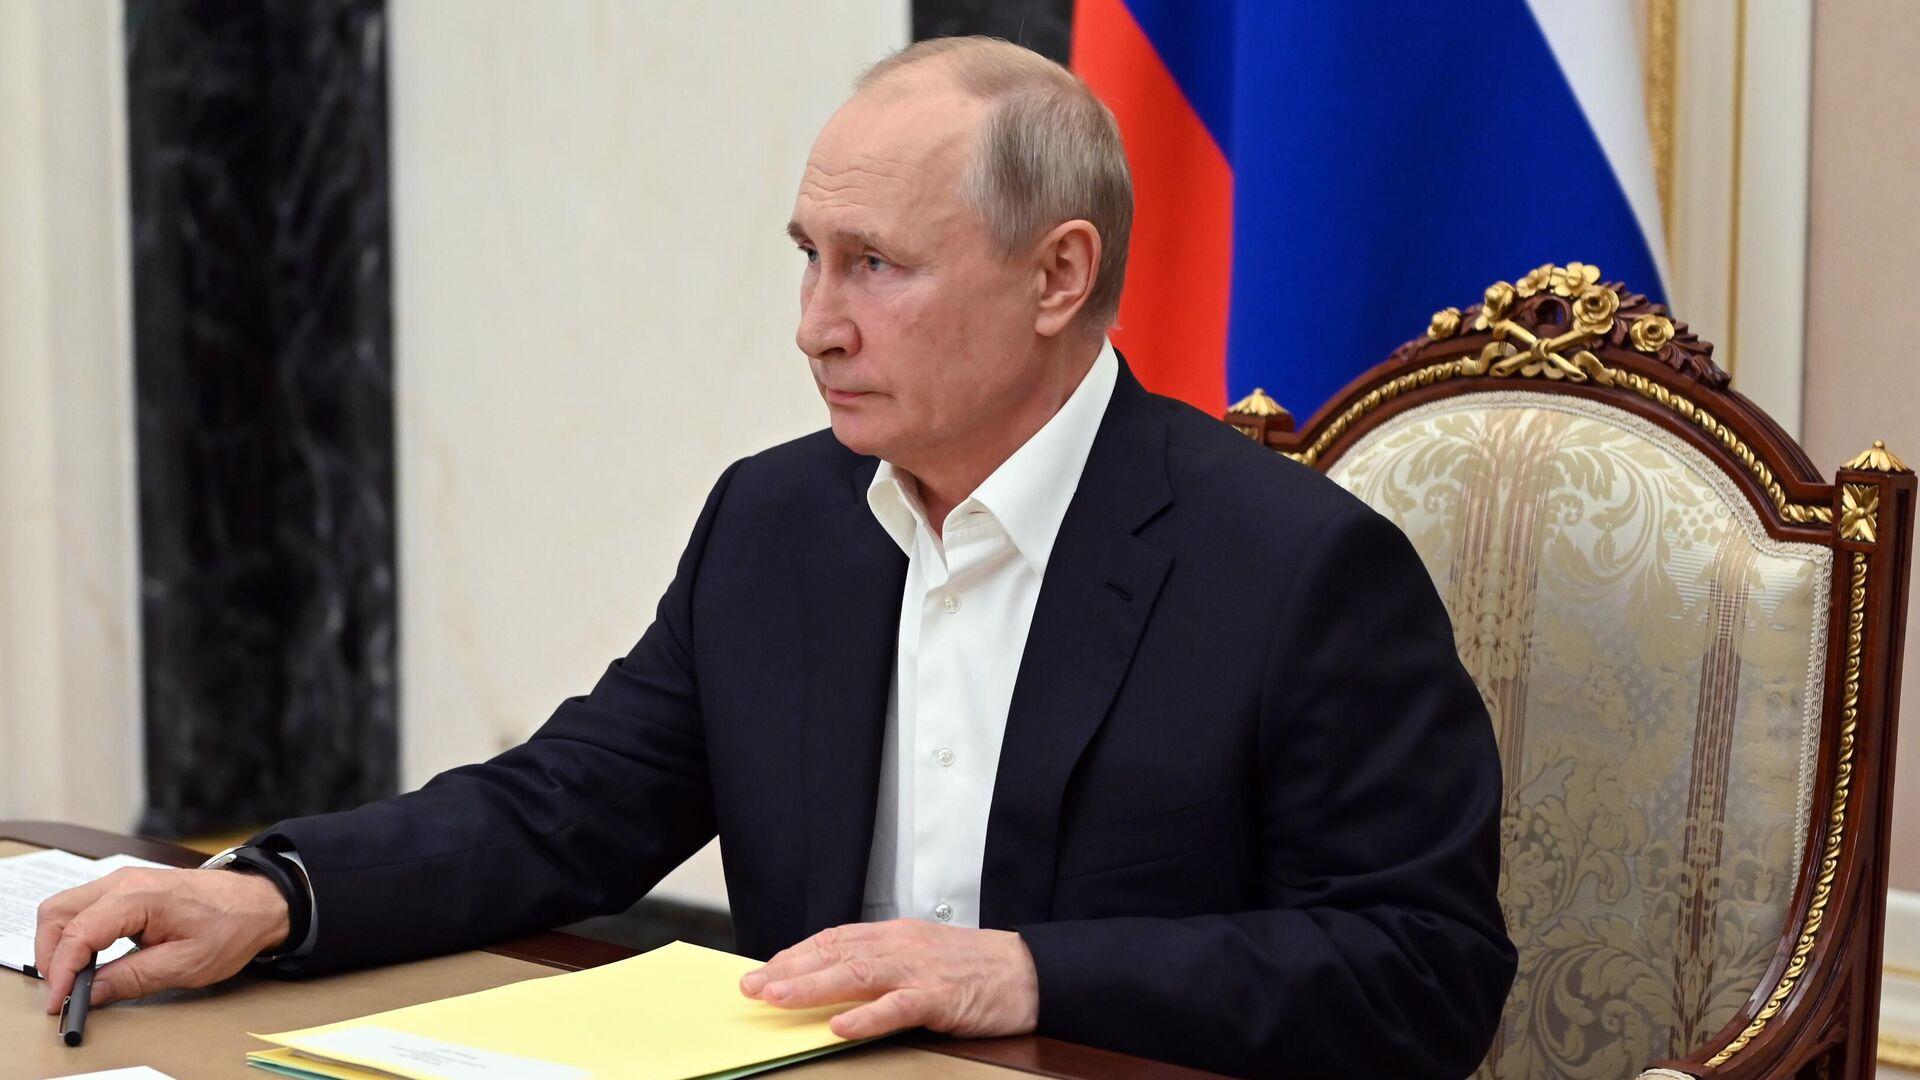 Президент РФ Владимир Путин проводит совещание по подготовке специальной программы Прямая линия с Владимиром Путиным, которая состоится 30 июня - РИА Новости, 1920, 02.07.2021